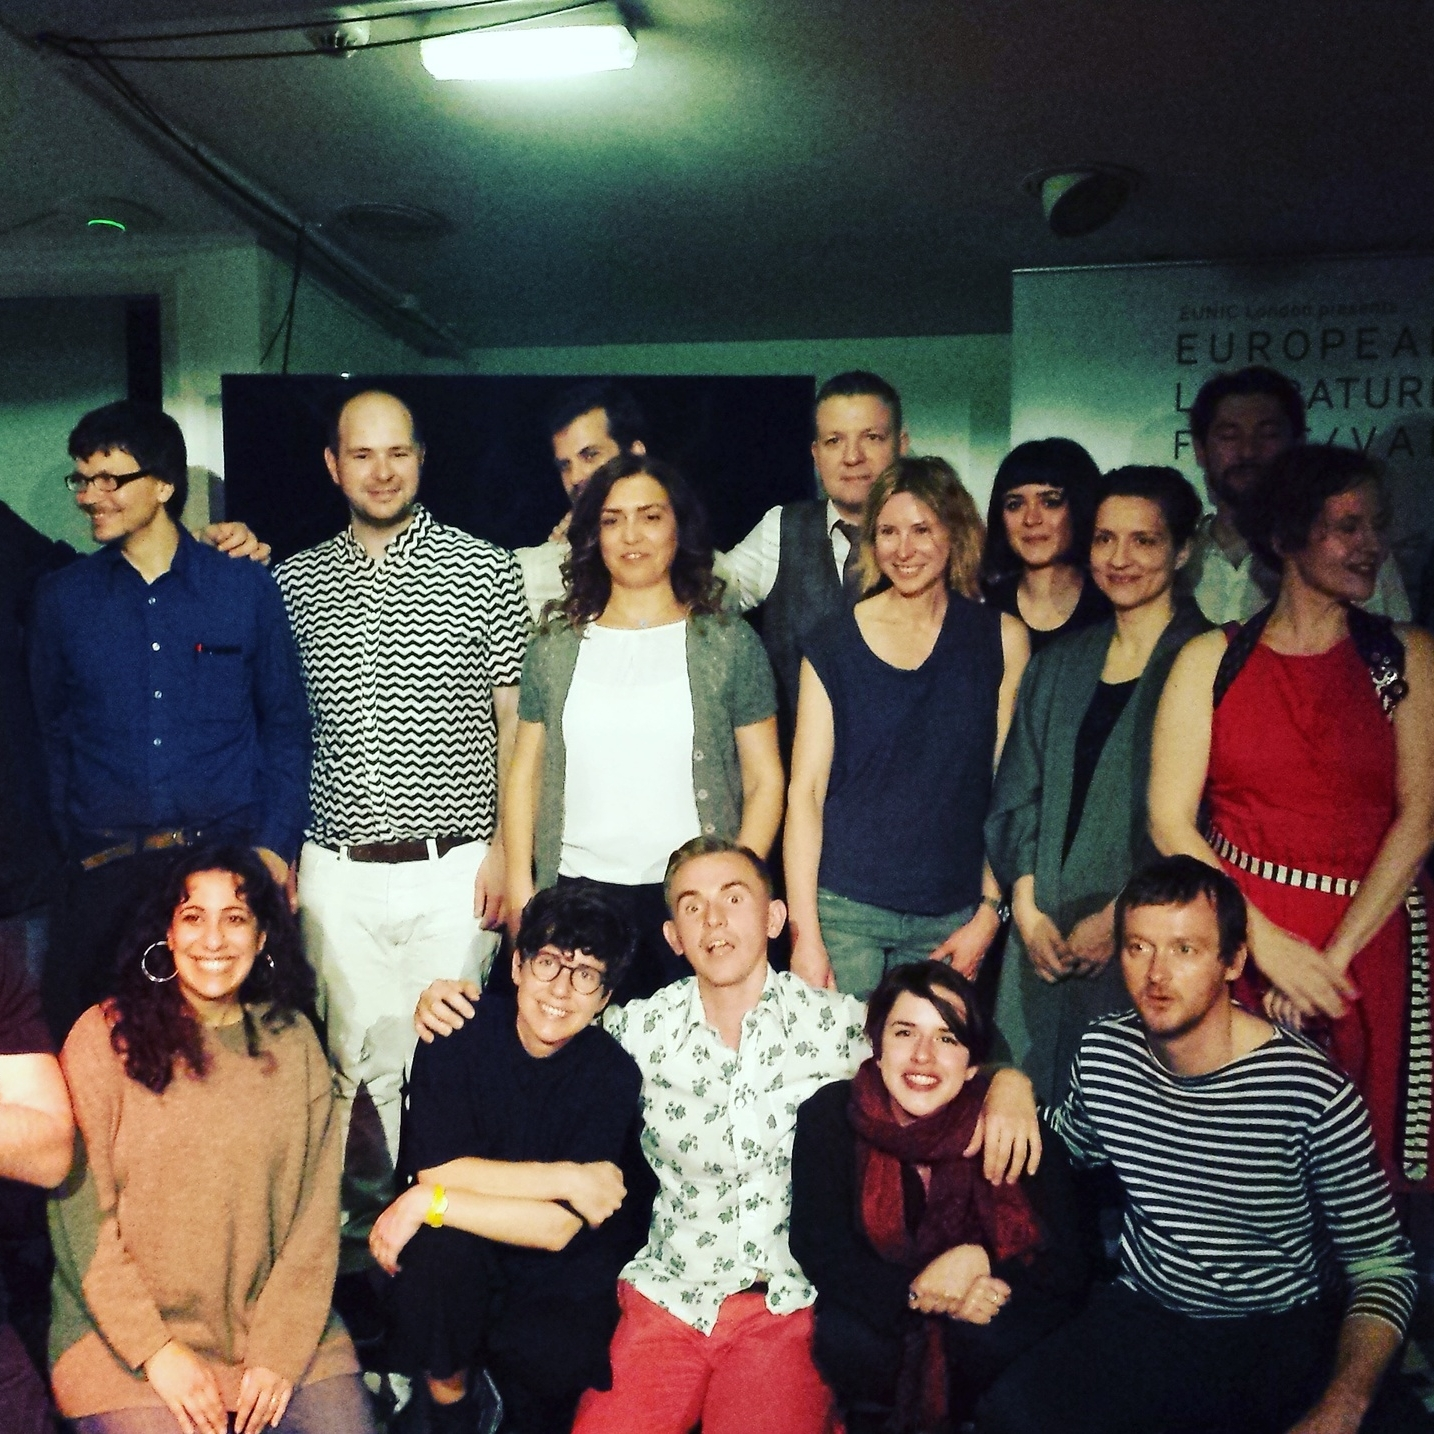 European Poetry Night London